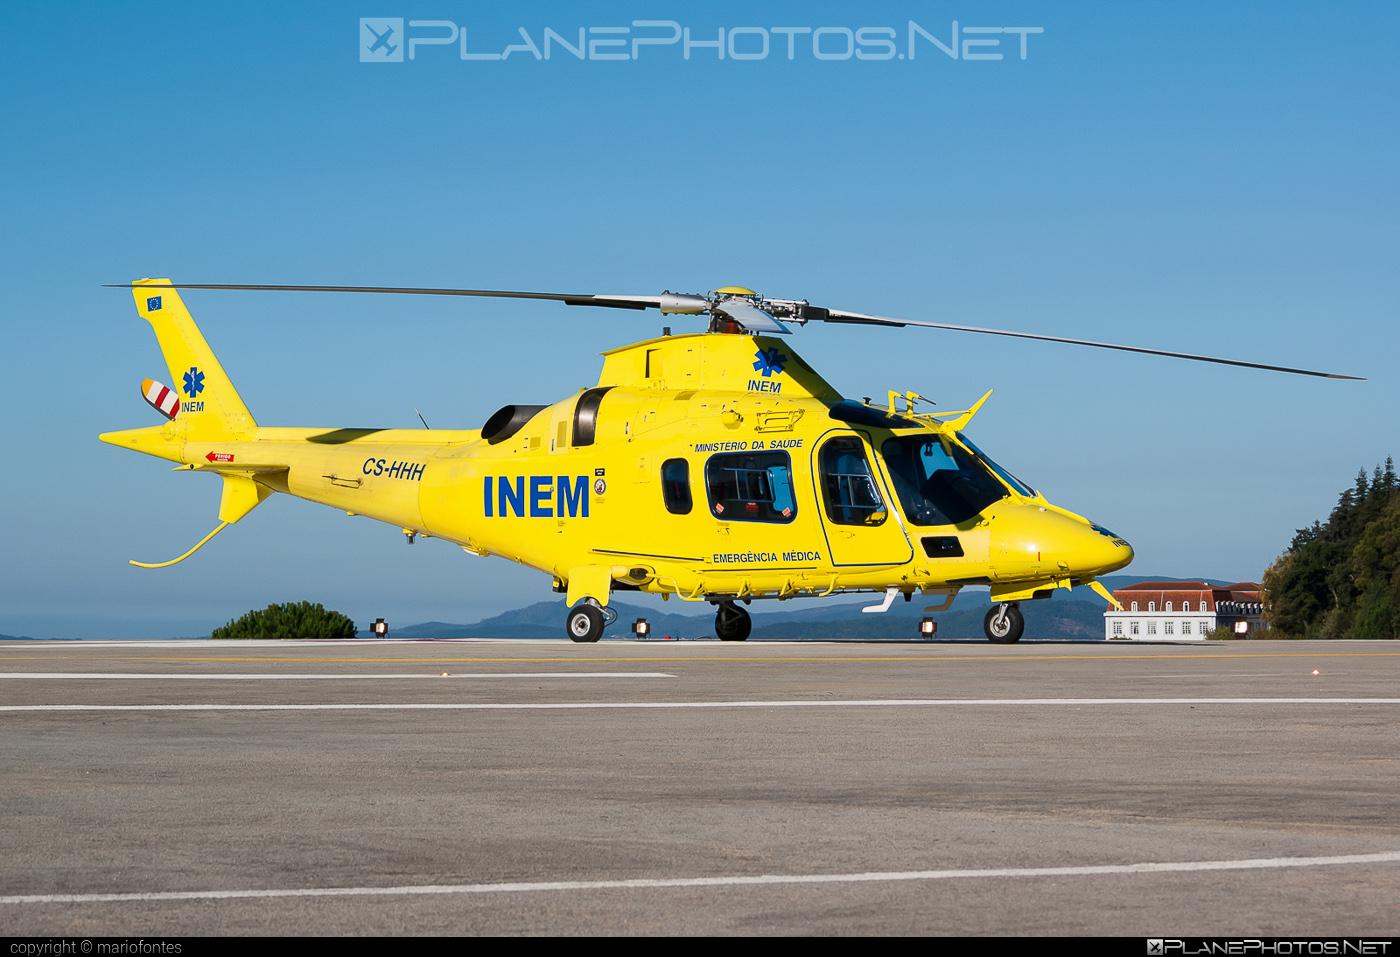 AgustaWestland AW109E Power - CS-HHH operated by Instituto Nacional de Emergência Médica de Portugal (INEM) #a109 #a109e #agustawestland #aw109 #aw109e #aw109epower #inem #institutonacionaldeemergenciamedicadeportugal